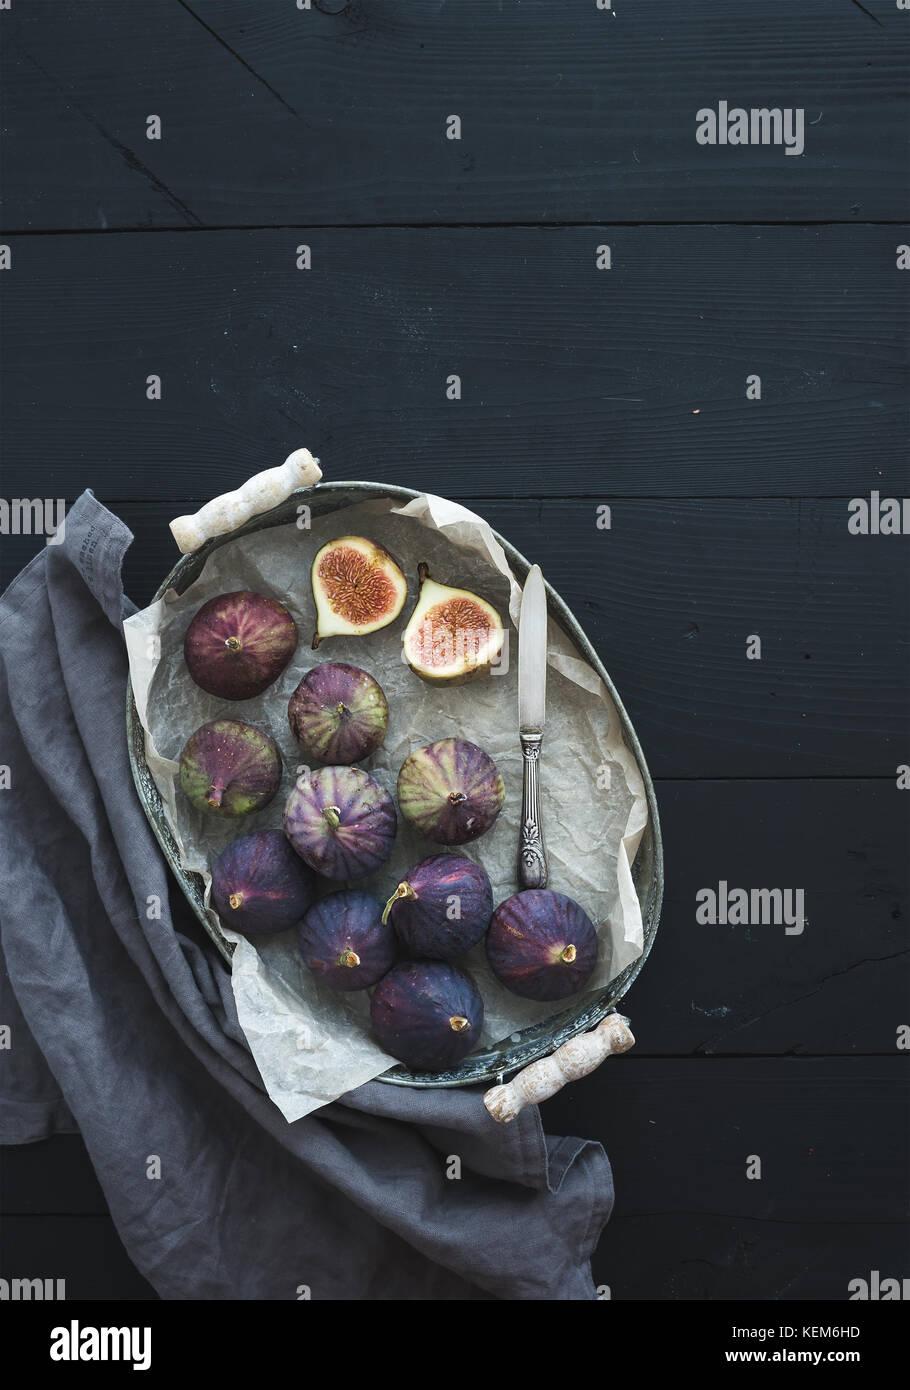 Vintage metall Schale mit frischen Feigen auf dunklem Hintergrund, Ansicht von oben, selektive konzentrieren. Stockbild